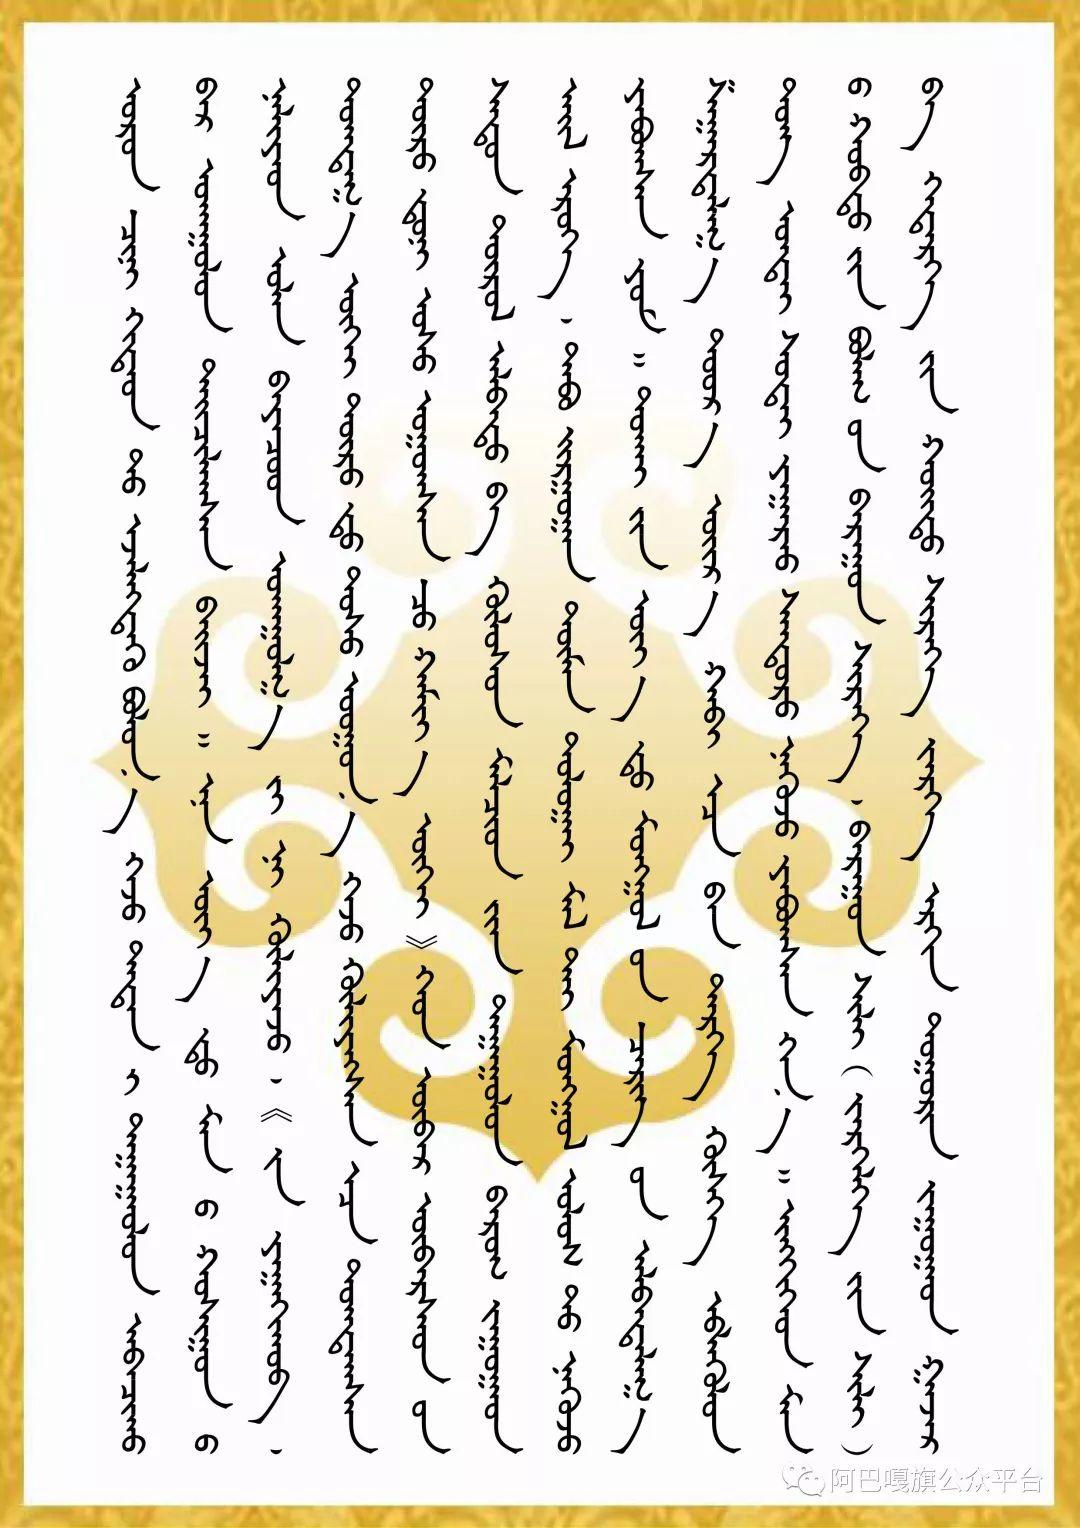 【历史·人物】从阿巴嘎右旗北迁蒙古国的牧户 第2张 【历史·人物】从阿巴嘎右旗北迁蒙古国的牧户 蒙古文化